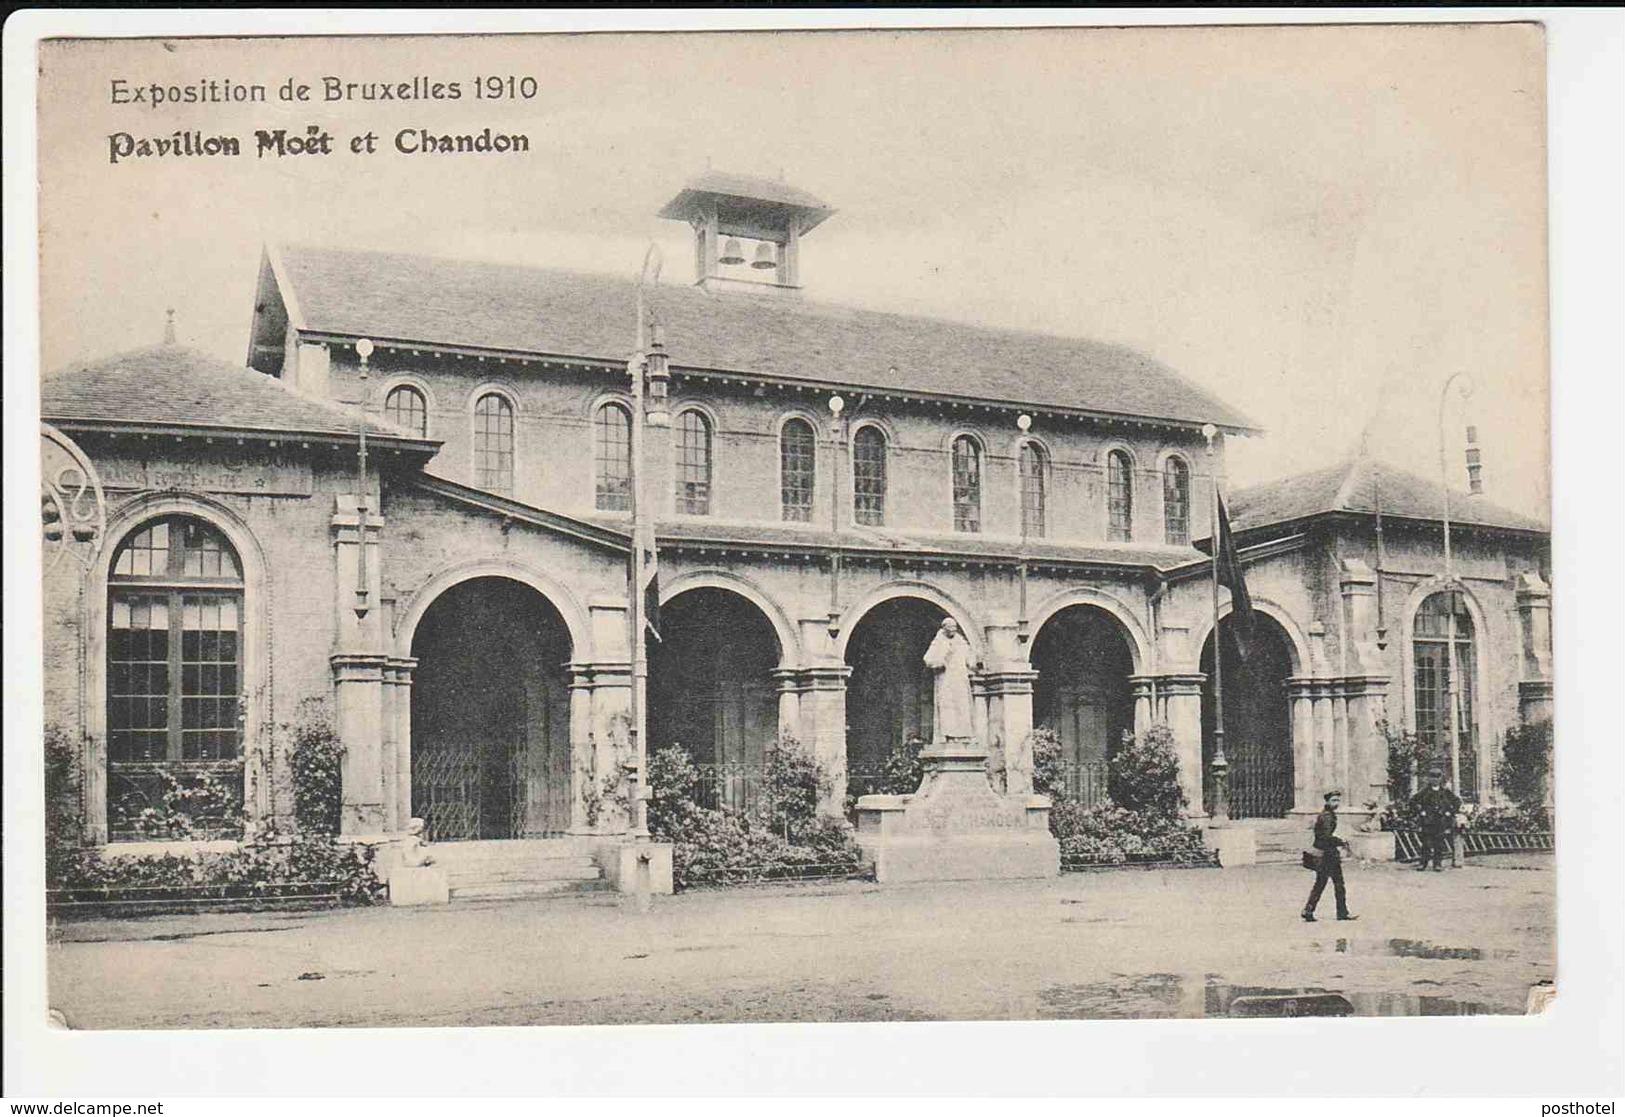 Exposition De Bruxelles 1910 - Pavillon Moet Et Chandon - Belgien